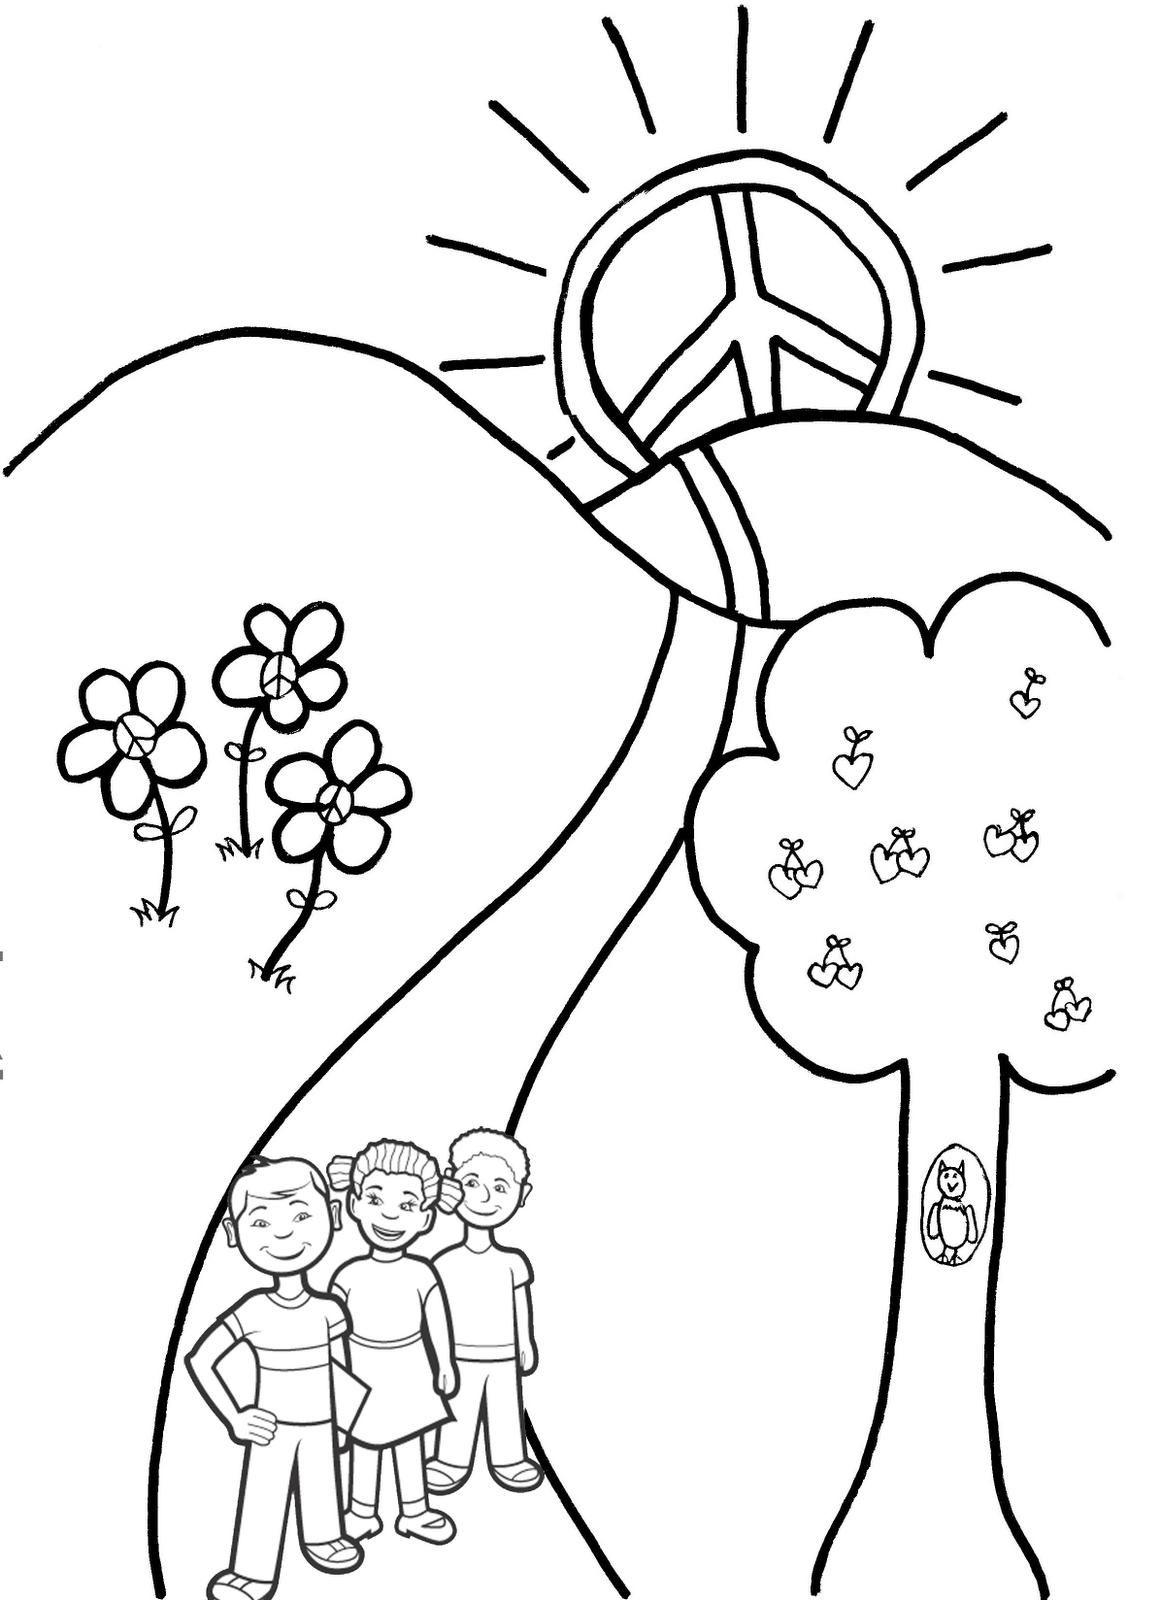 La paz es el camino,.. Síguelo. | Dibujos para colorear | Pinterest